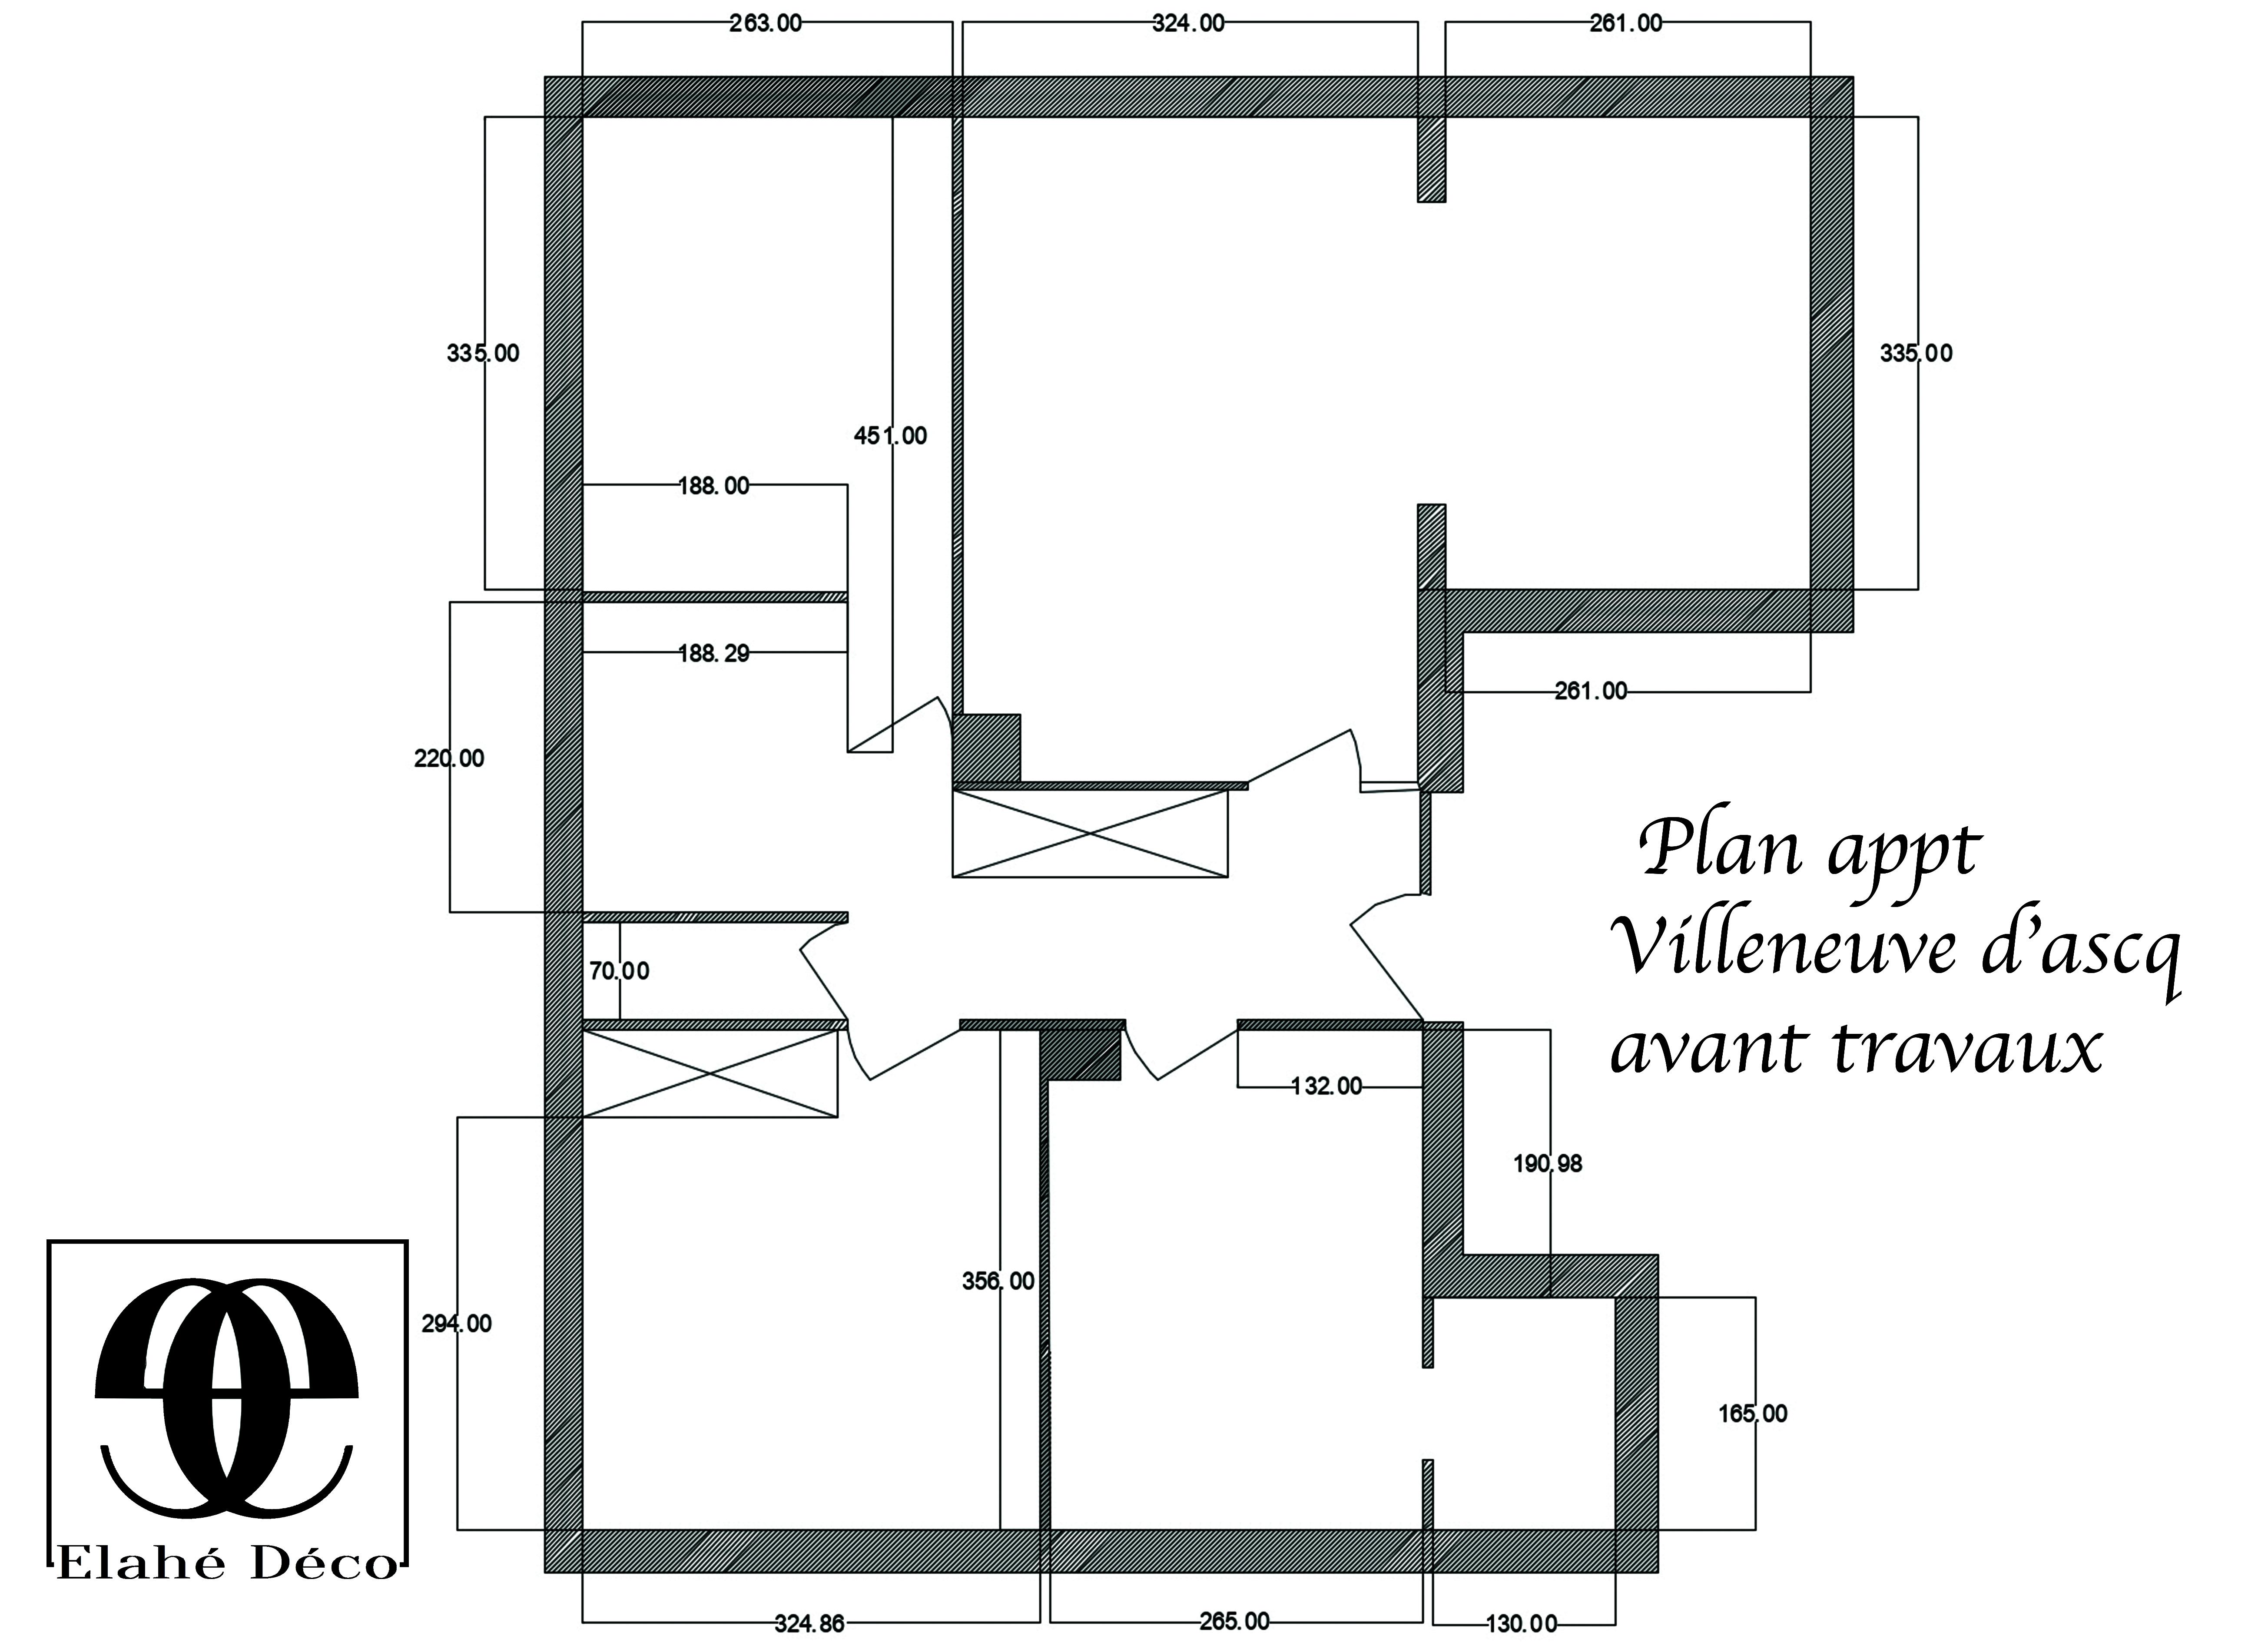 plan avant travaux d'appartement à Lille par Elahé deco